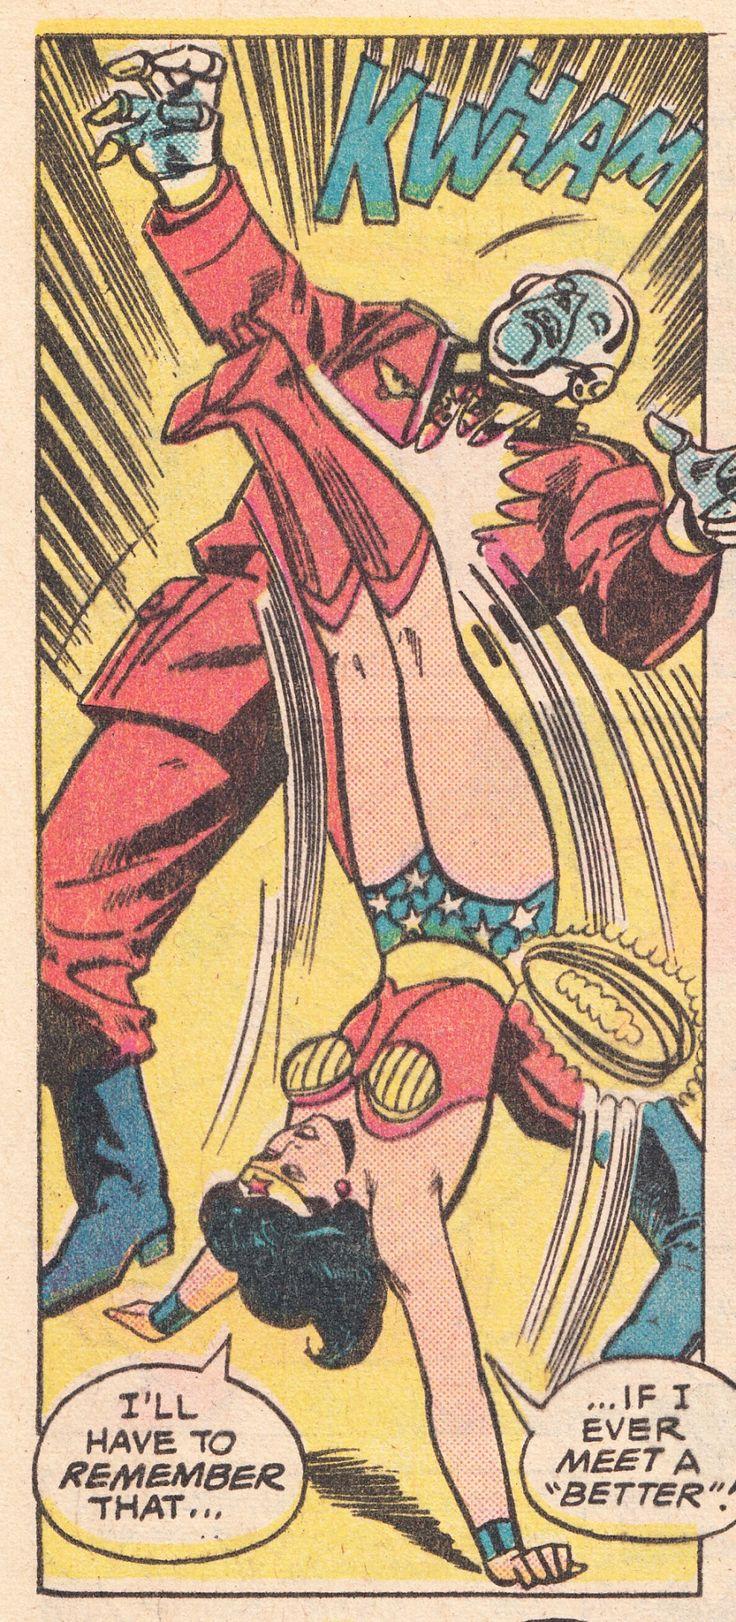 Wonder woman biography dc comics-9428